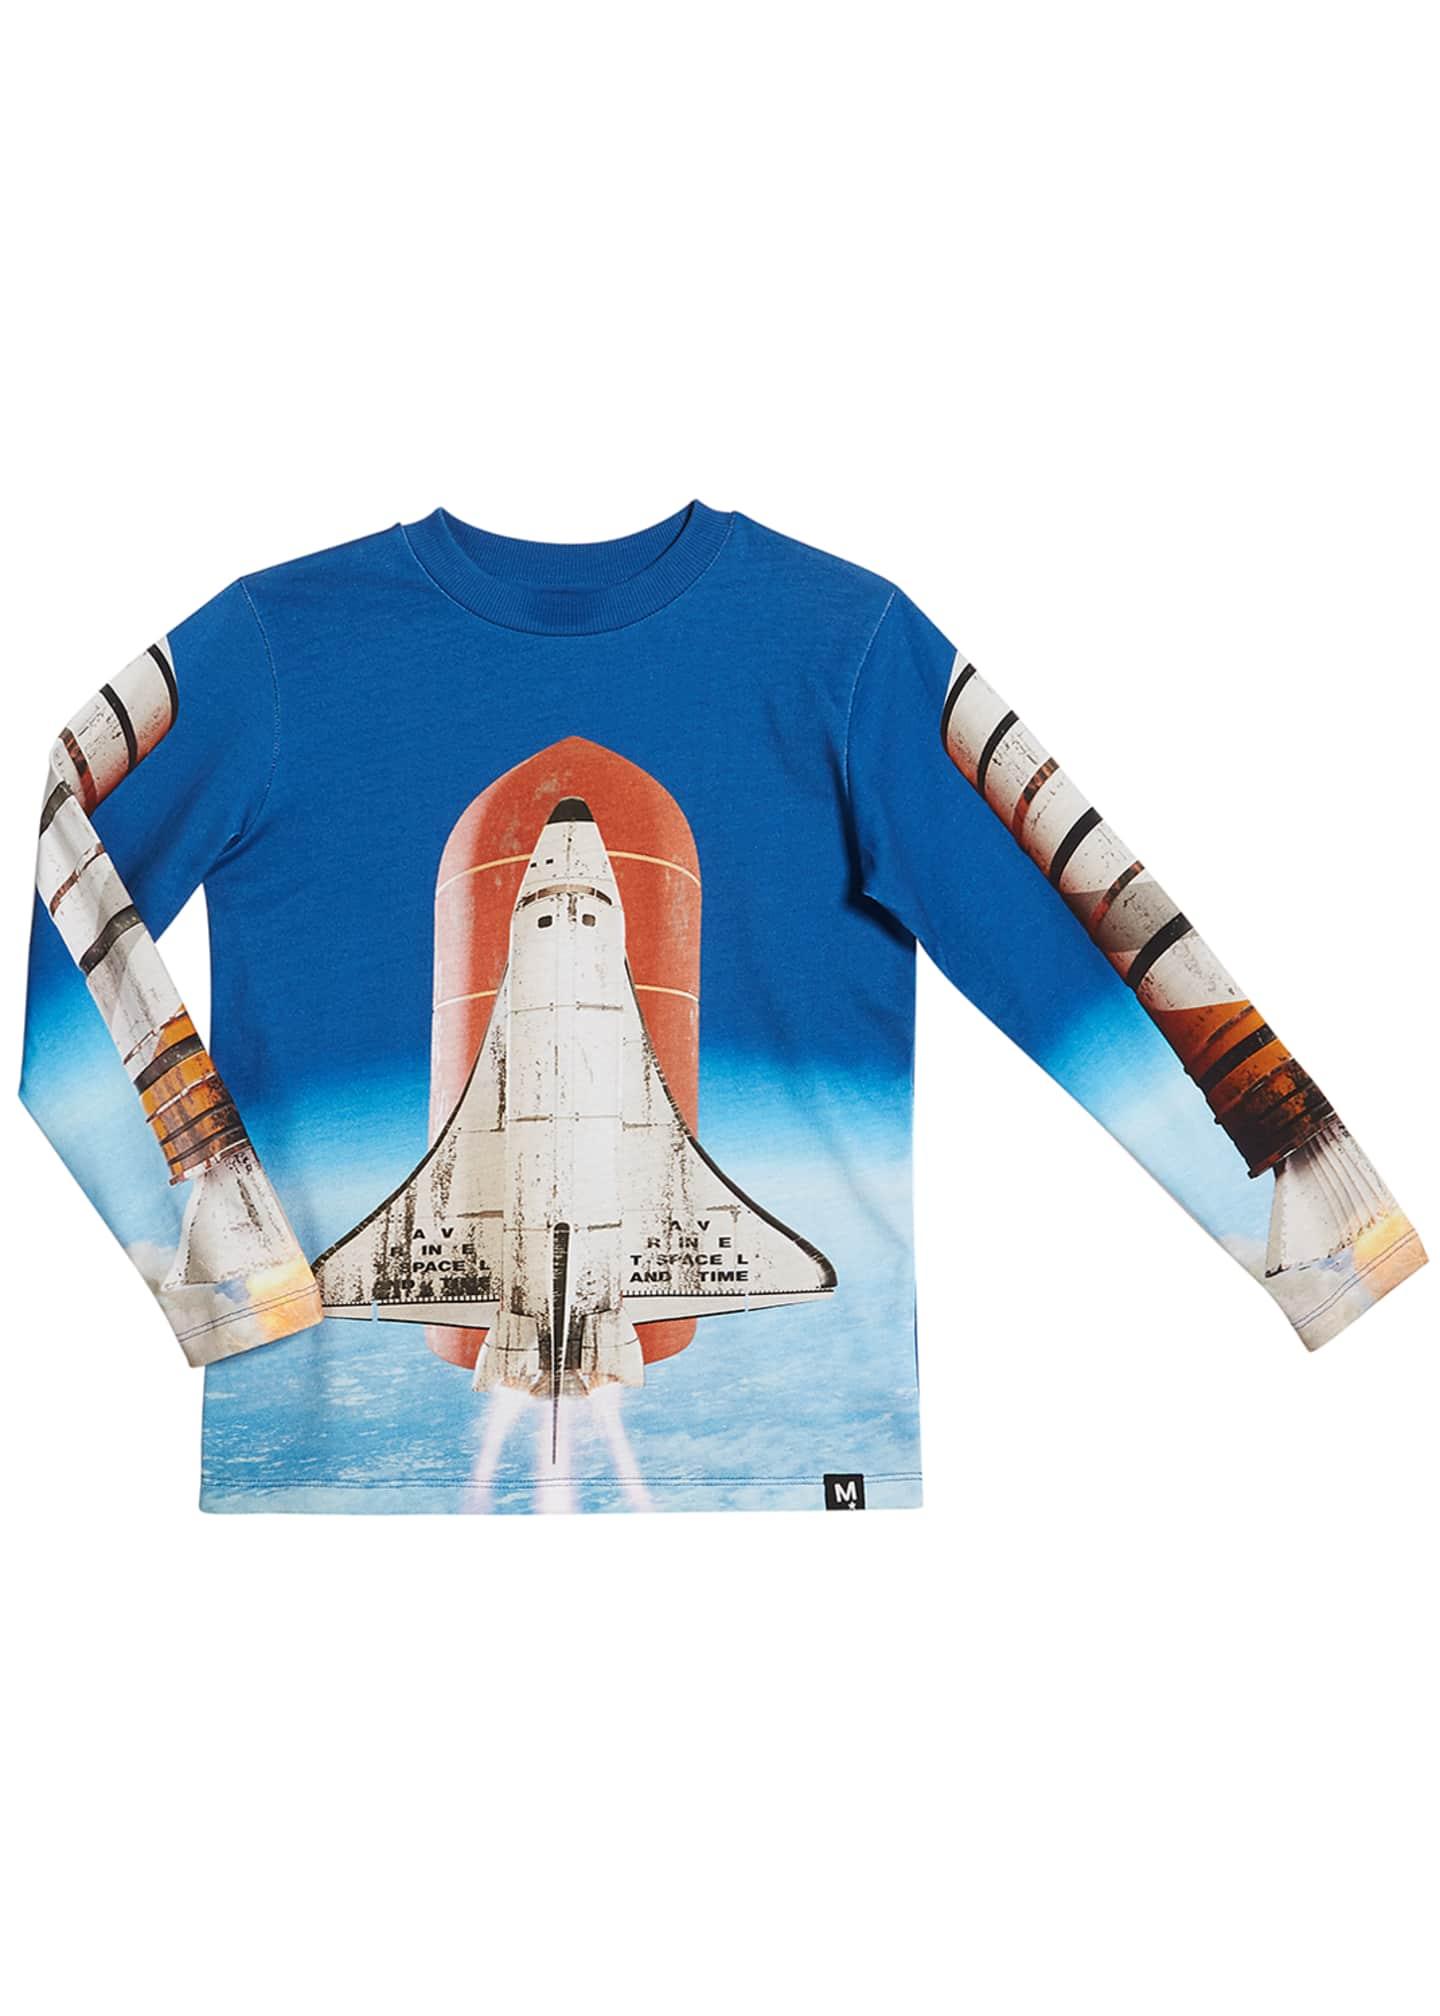 Molo Reif Rocket Ship Print Long-Sleeve Tee, Size